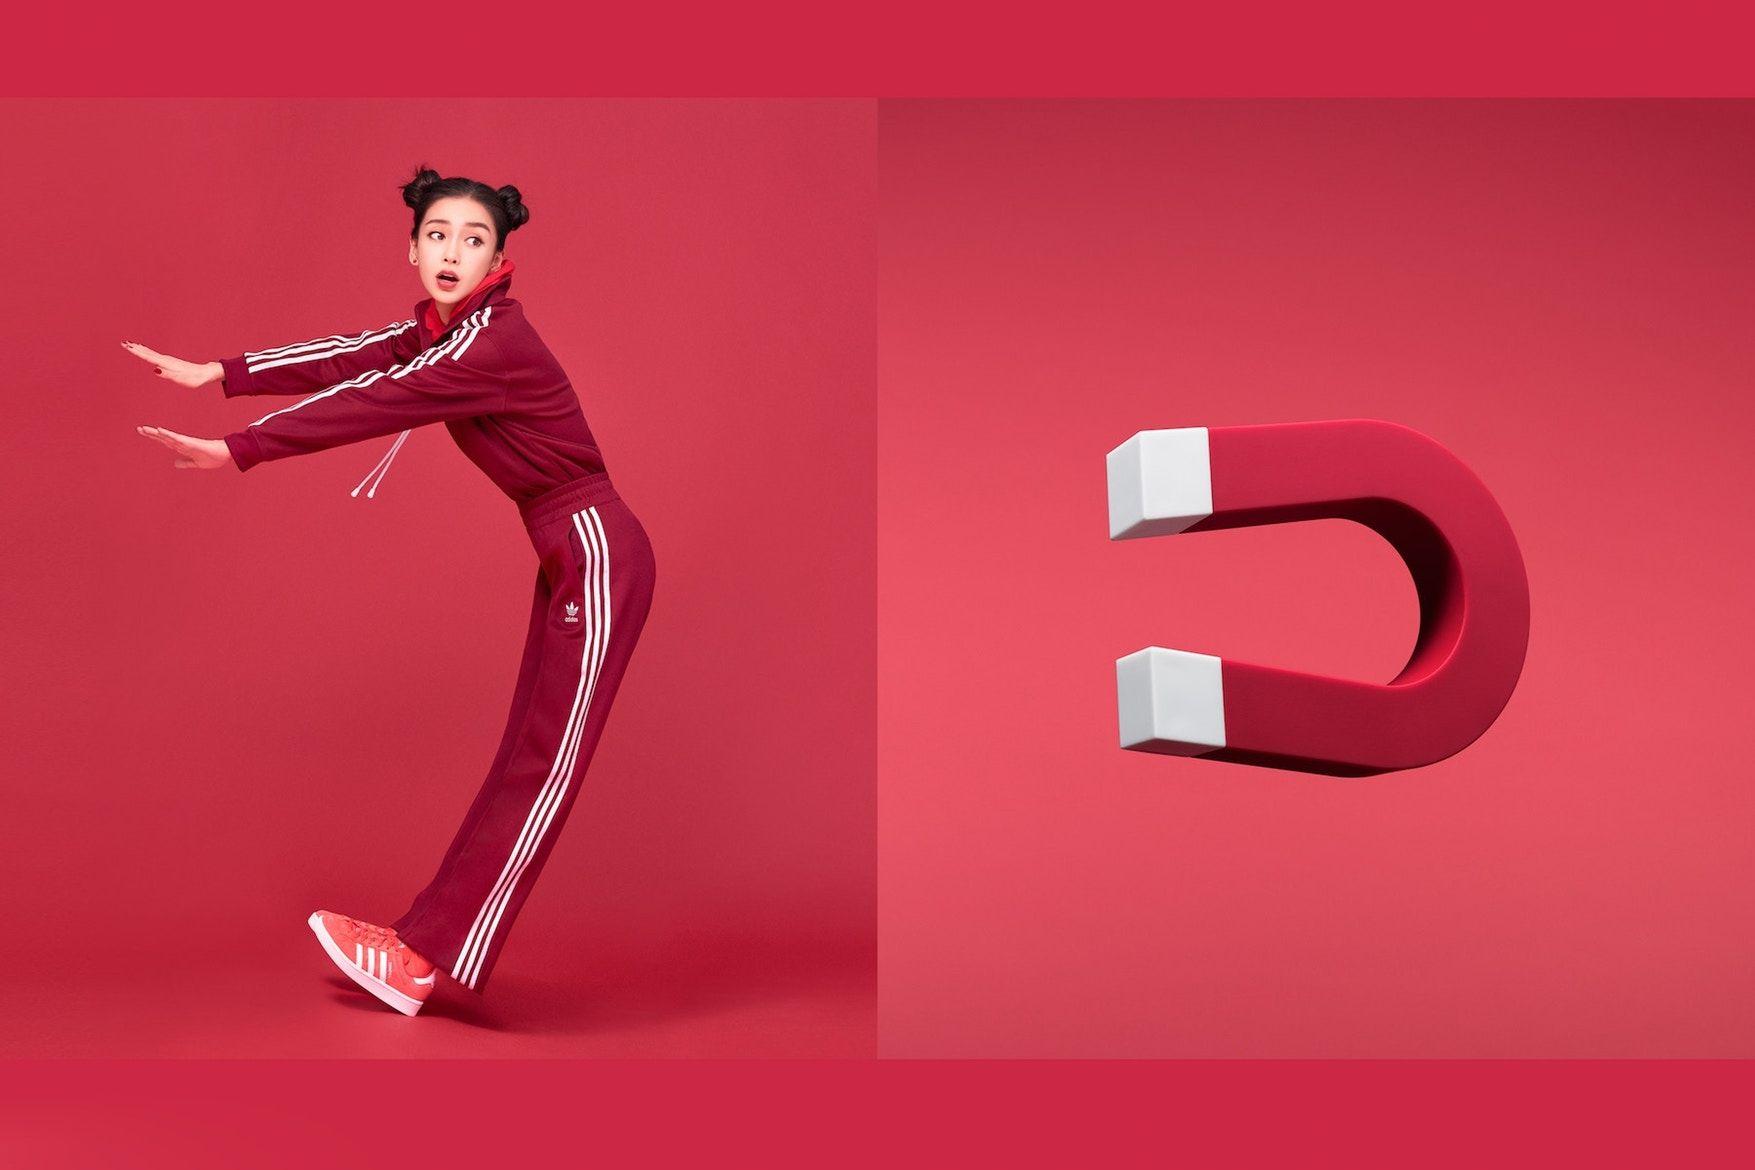 adidas-originals-spring-summer-2018-adicolor-apparel-1